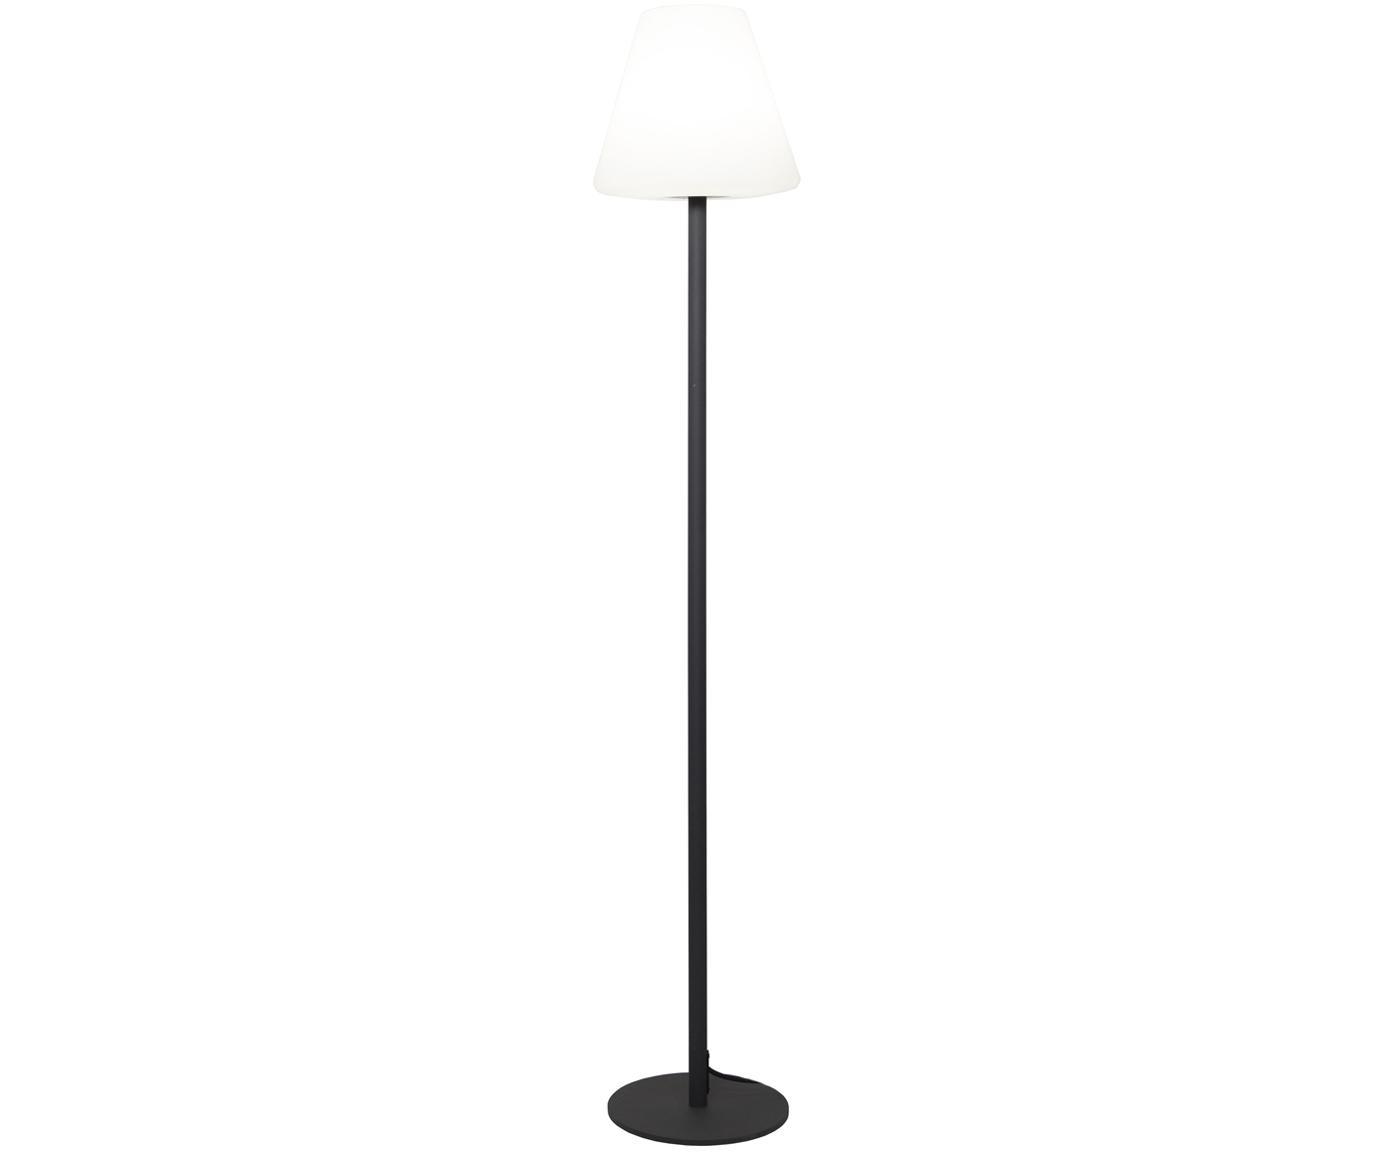 Lampada a LED da esterno Gardenlight, Materiale sintetico, metallo, Bianco, antracite, Ø 28 x Alt. 150 cm